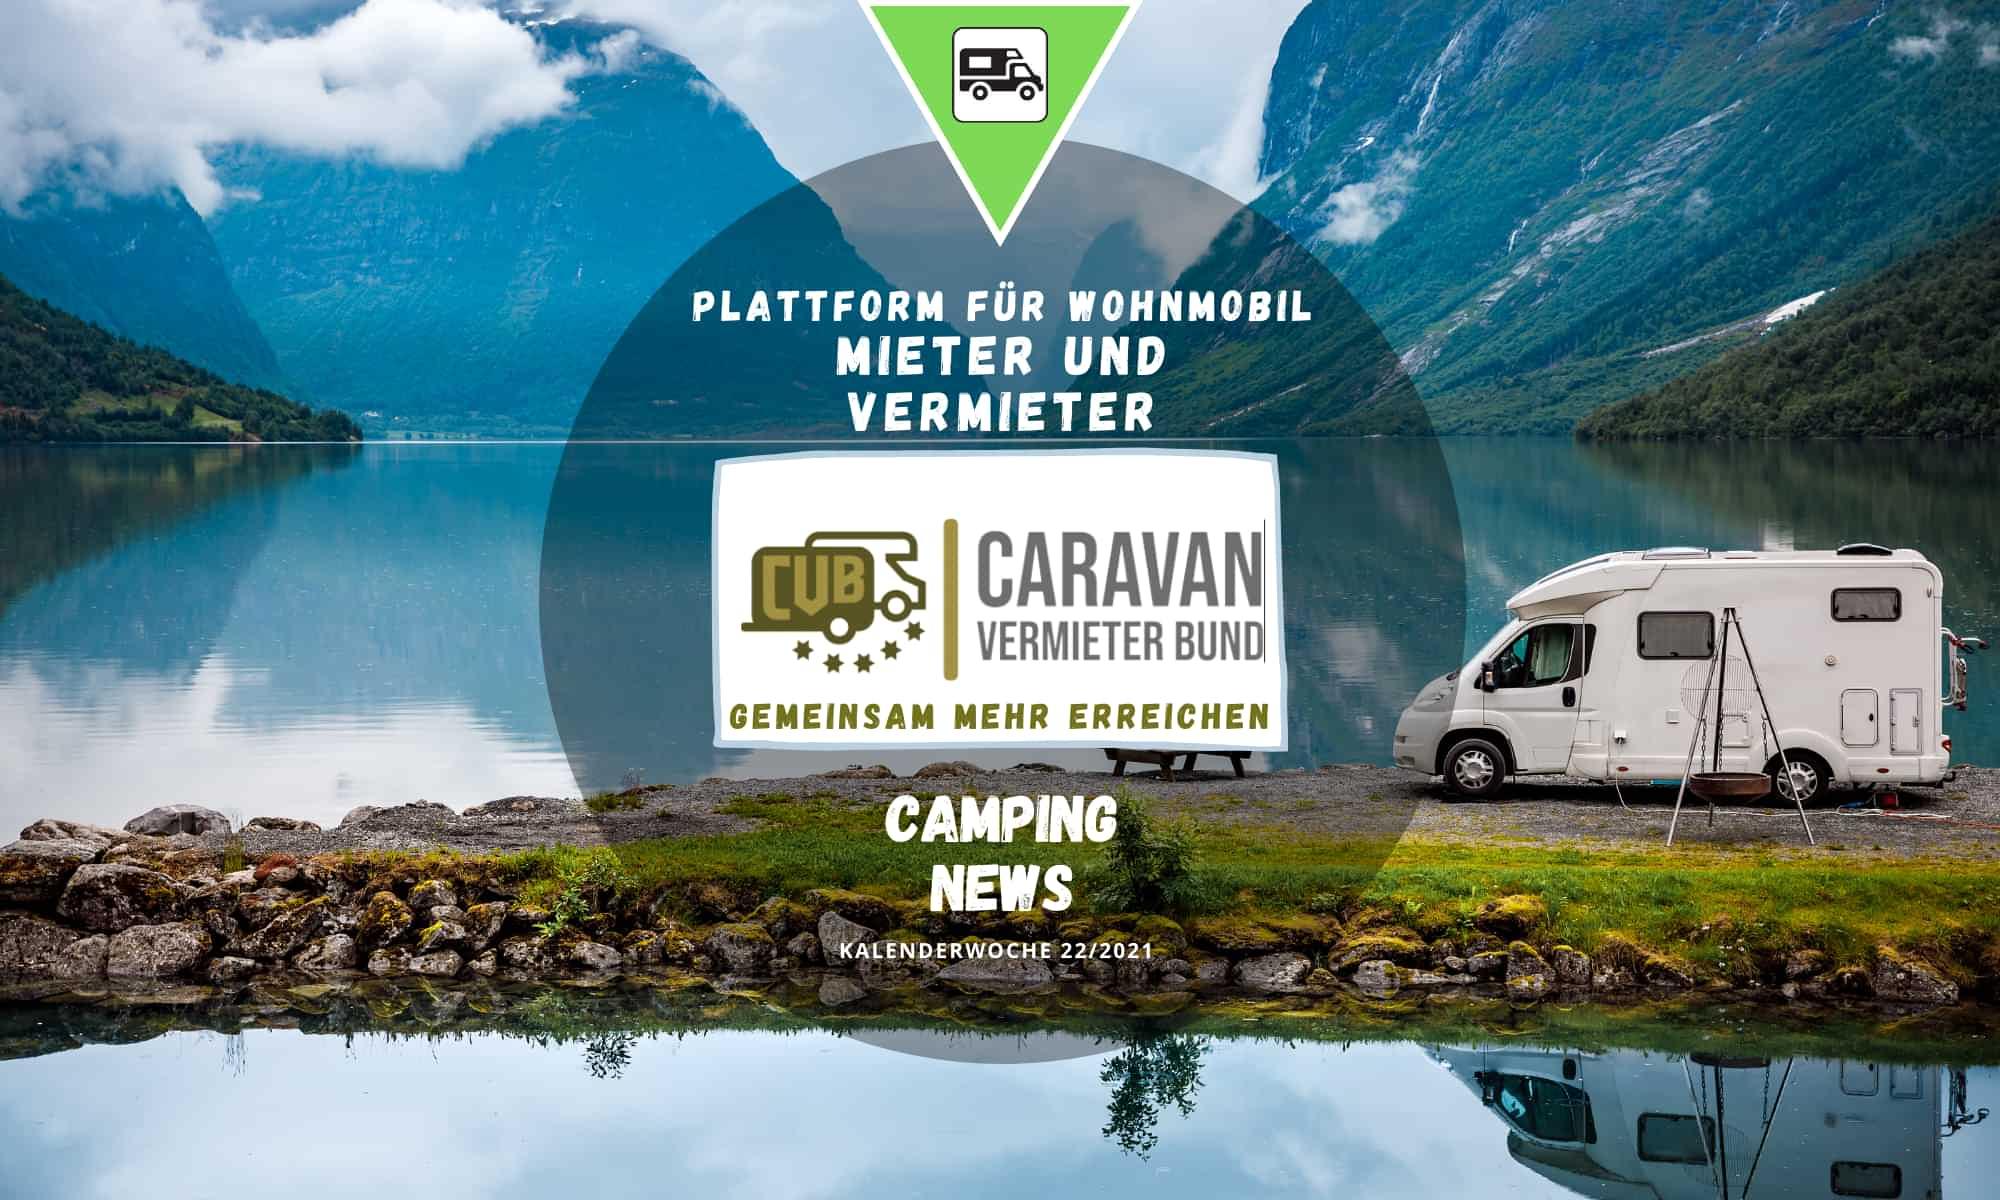 Caravan-Vermieter-Bund Firmenvorstellung